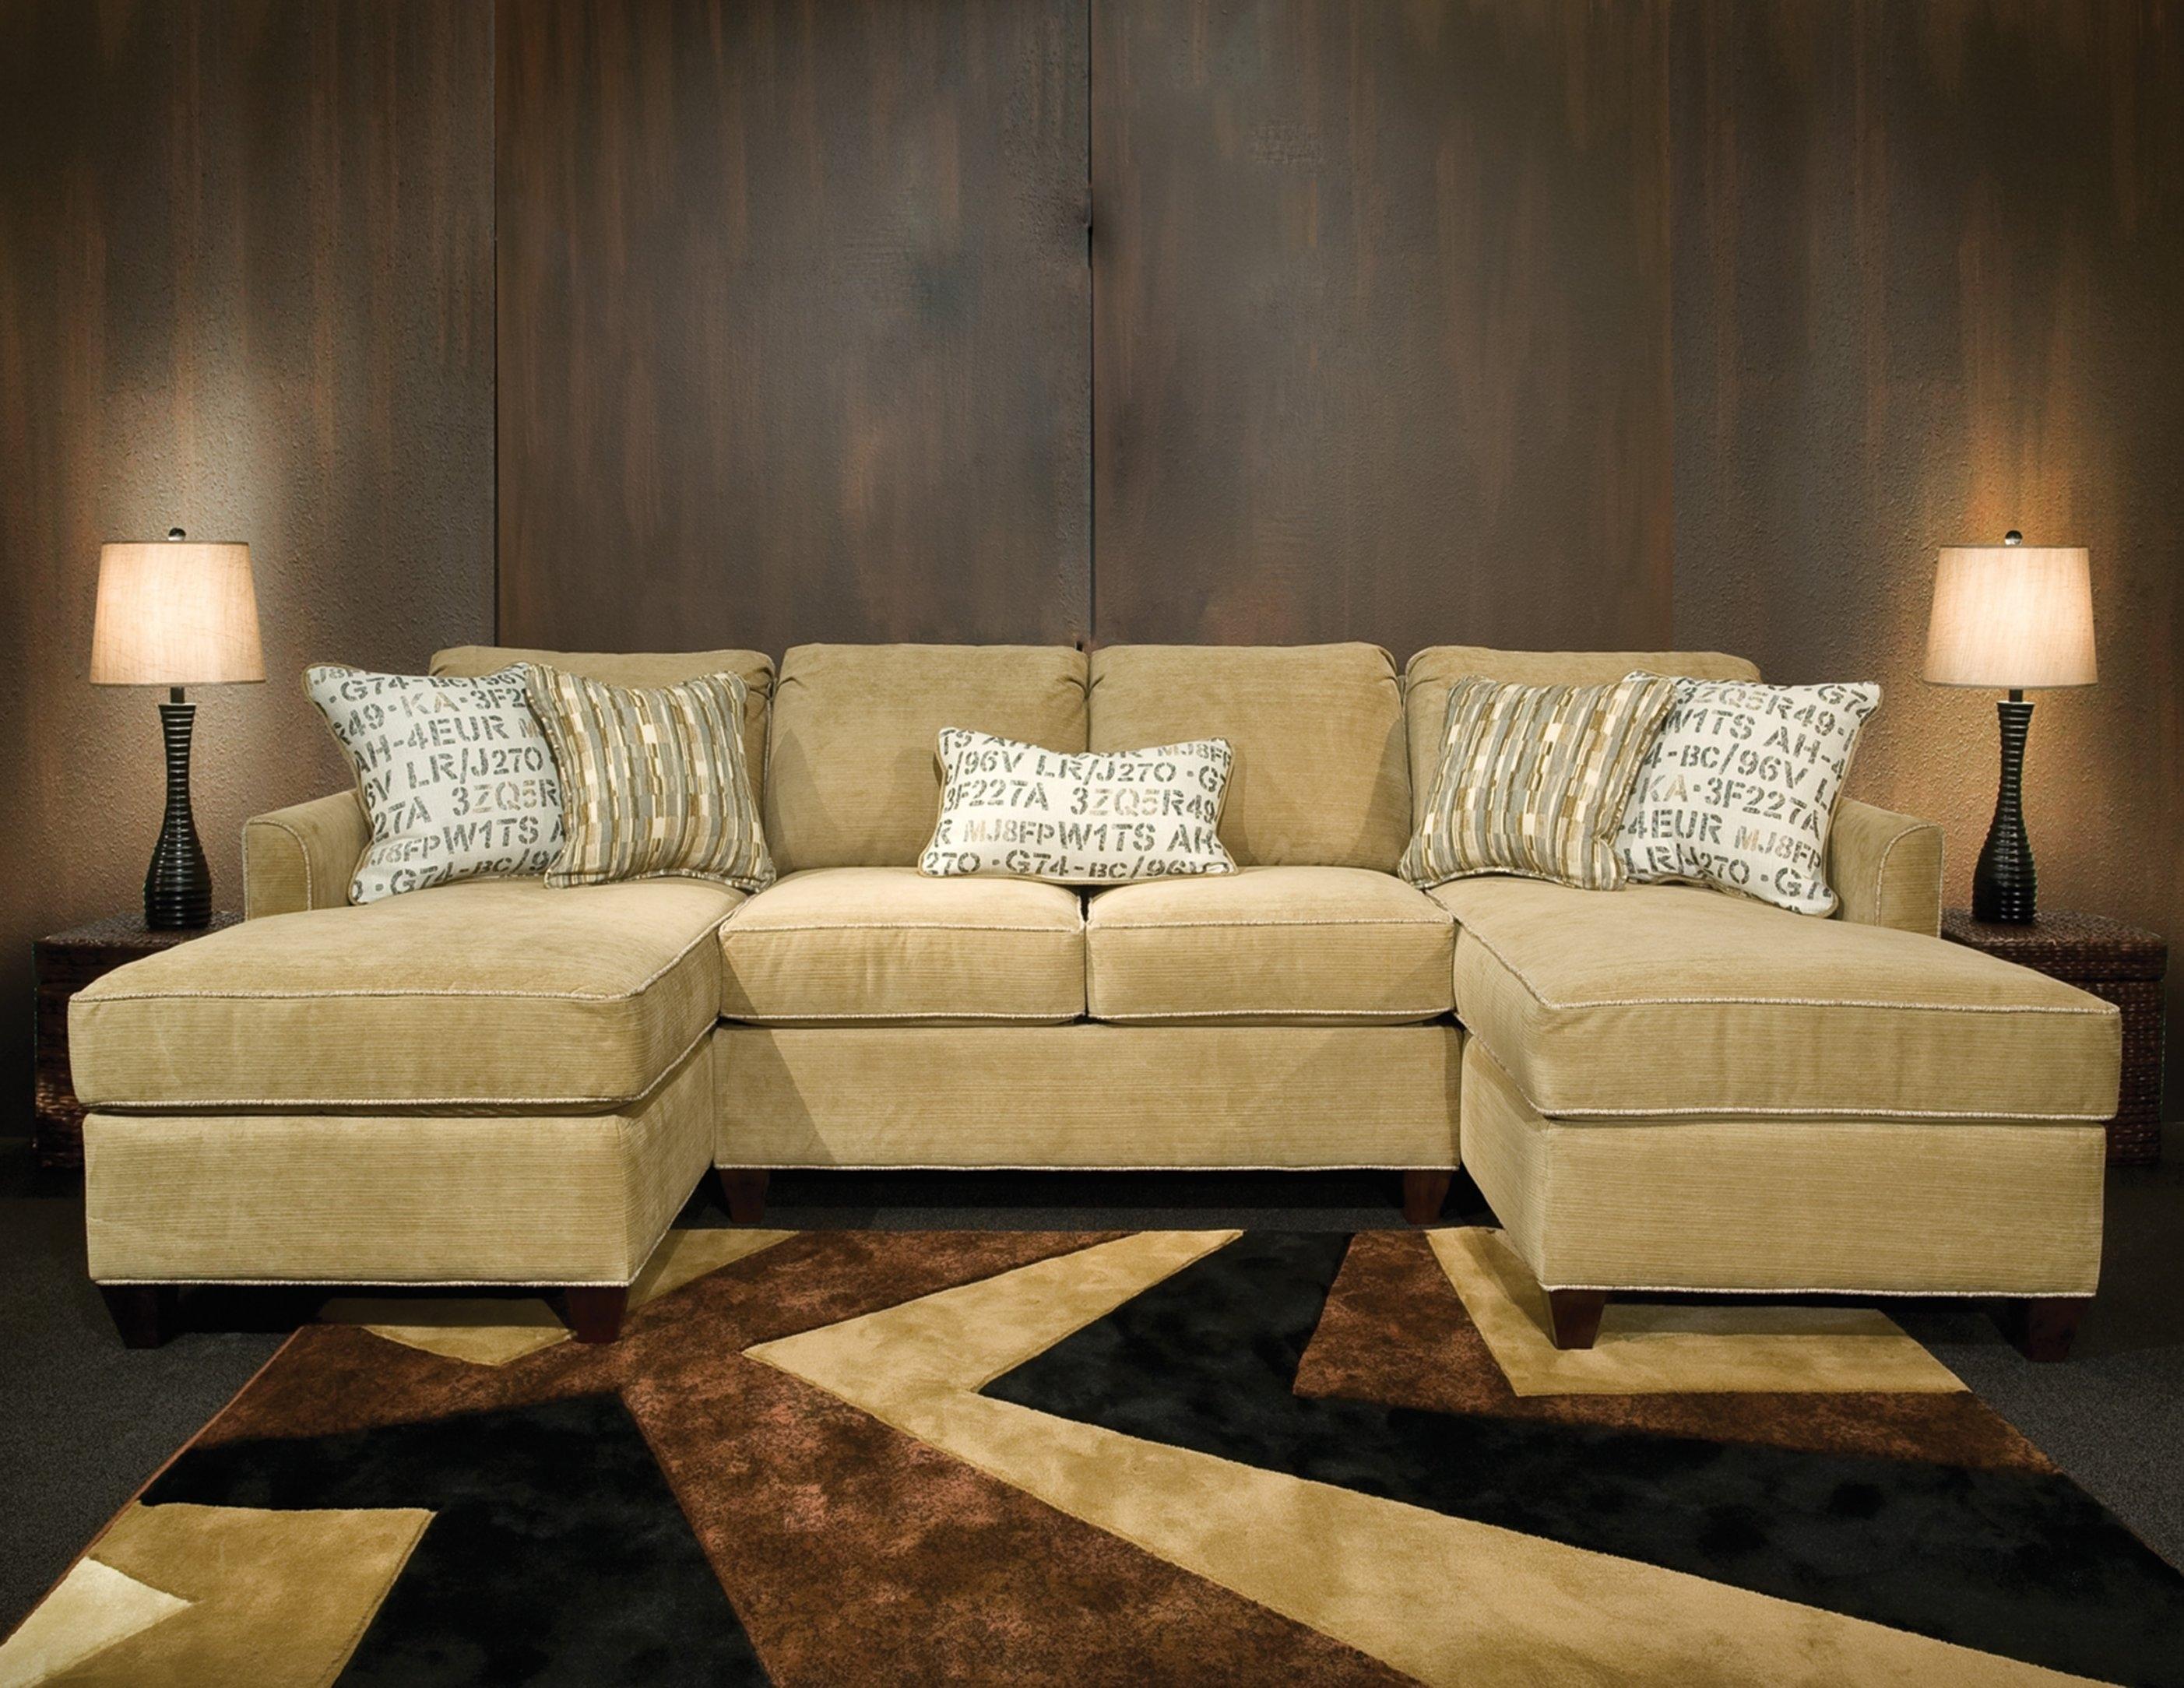 Uncategorized : Elegant Sofas Inside Lovely Sectional Sofa Design Intended For Elegant Sectional Sofas (Photo 10 of 10)